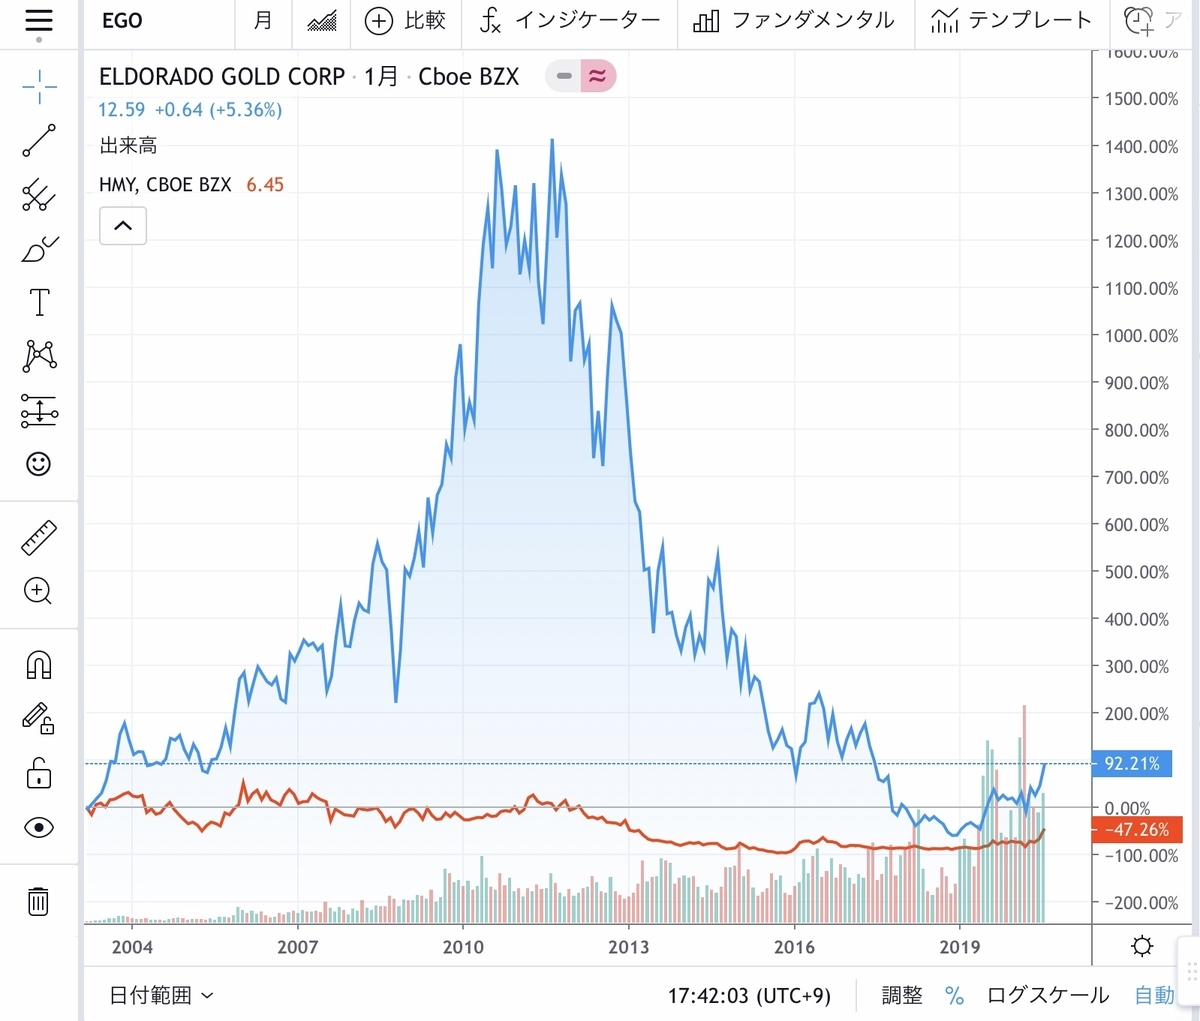 f:id:US-Stocks:20200802174936j:plain